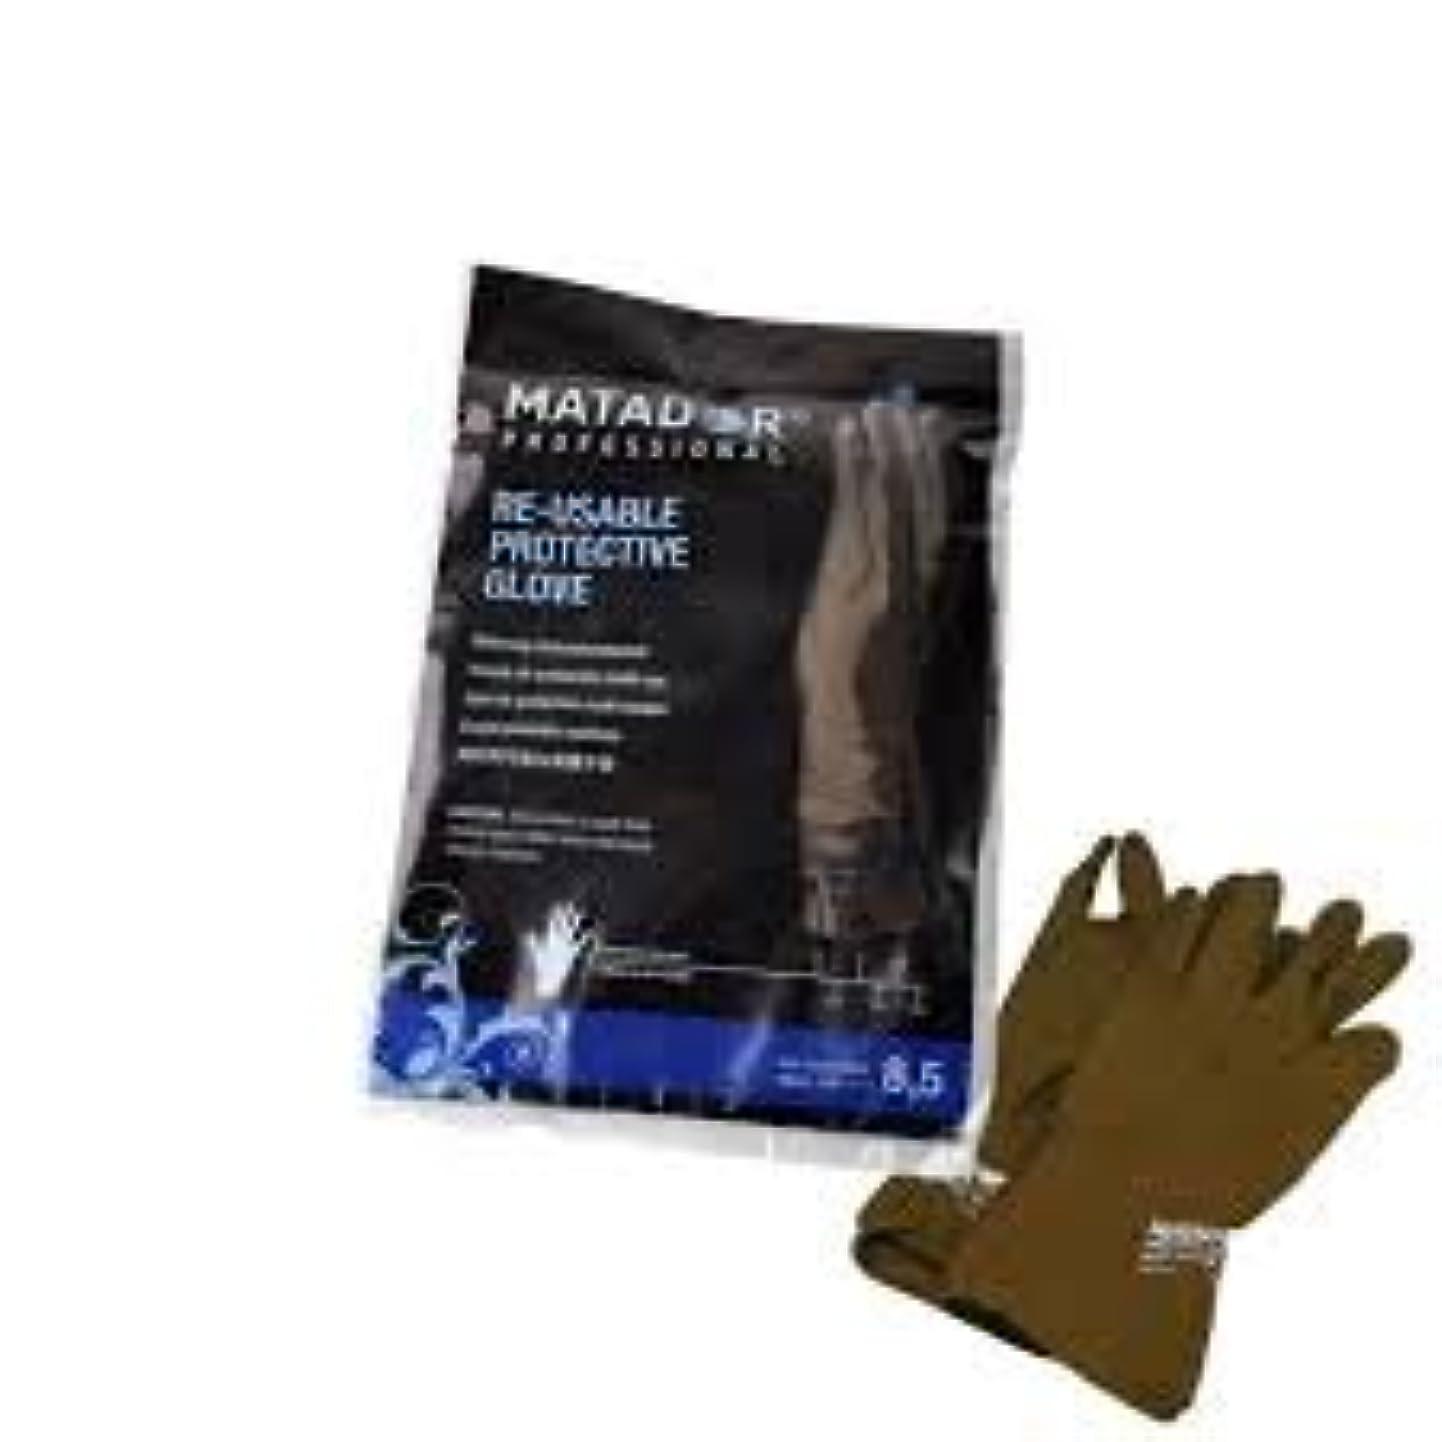 エキゾチック無意識タブレットマタドールゴム手袋 8.5吋 【10個セット】